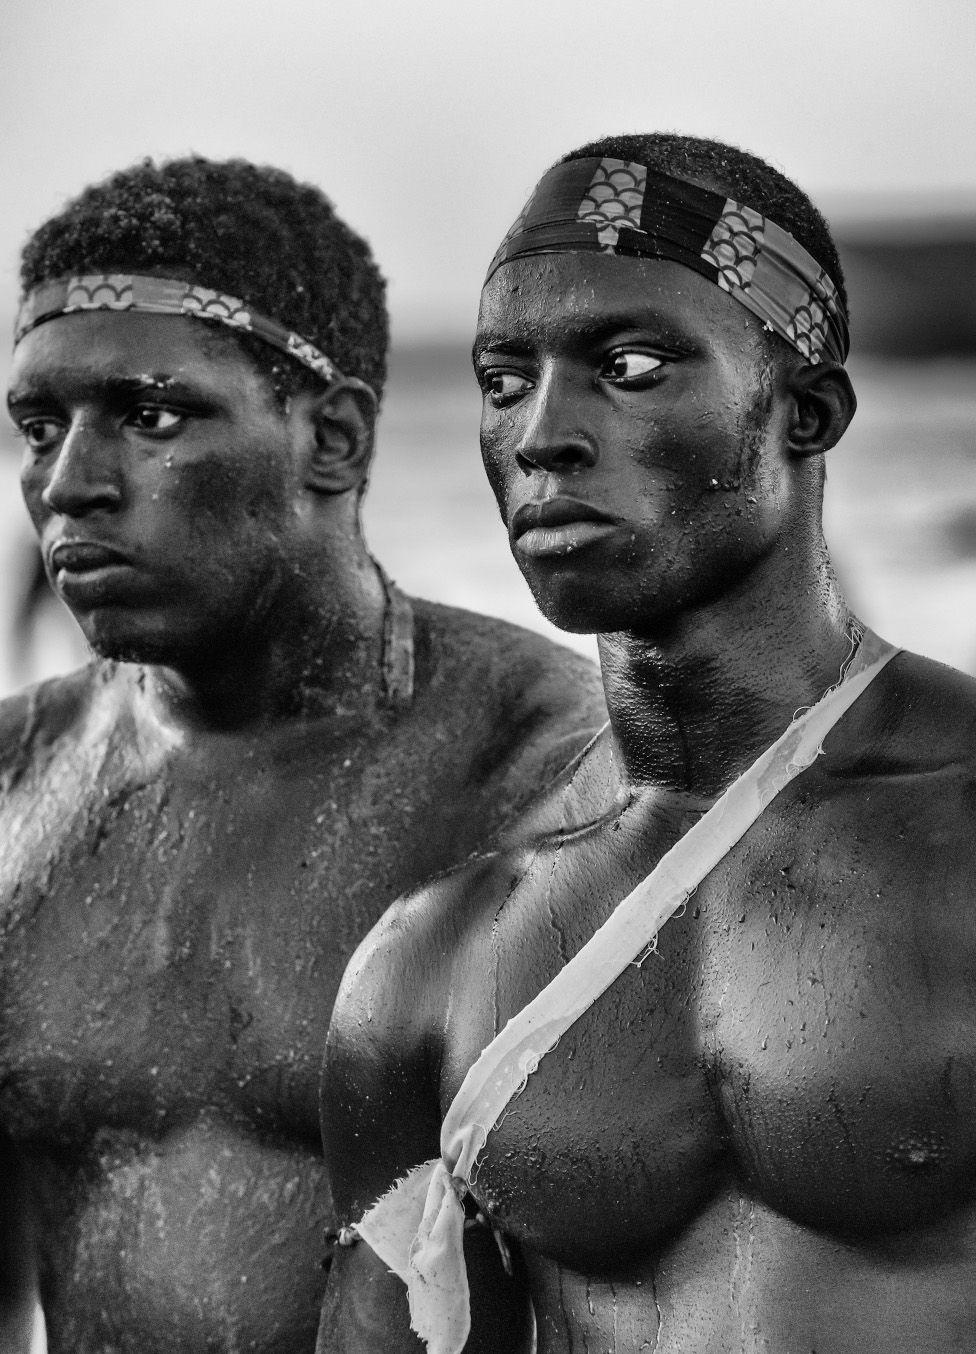 Οι «Σενεγαλέζοι παλαιστές»  του Εϊντζελ Λόπεζ Σότο  κέρδισαν στην κατηγορία «Sport»